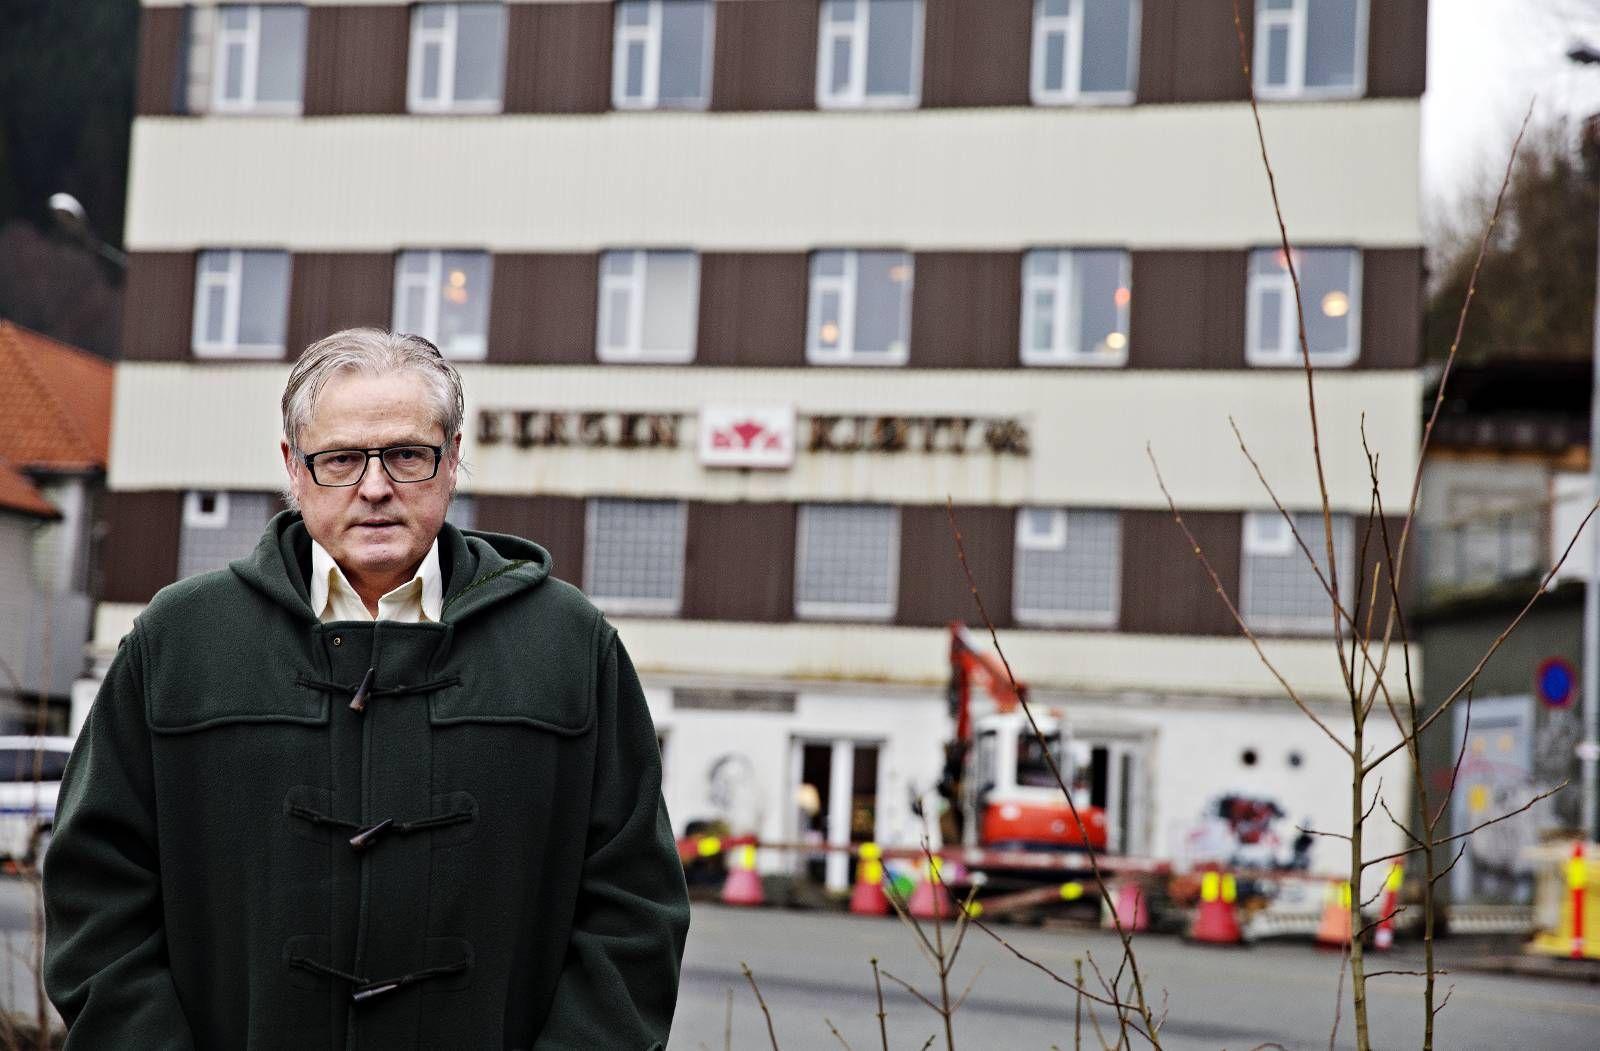 VIL HA MER AKTIVITET: Styreleder Per Magne Kristiansen ser for seg flere og kanskje litt mer kommersielle arrangementer i Bergens Kjøtts andre etasje.